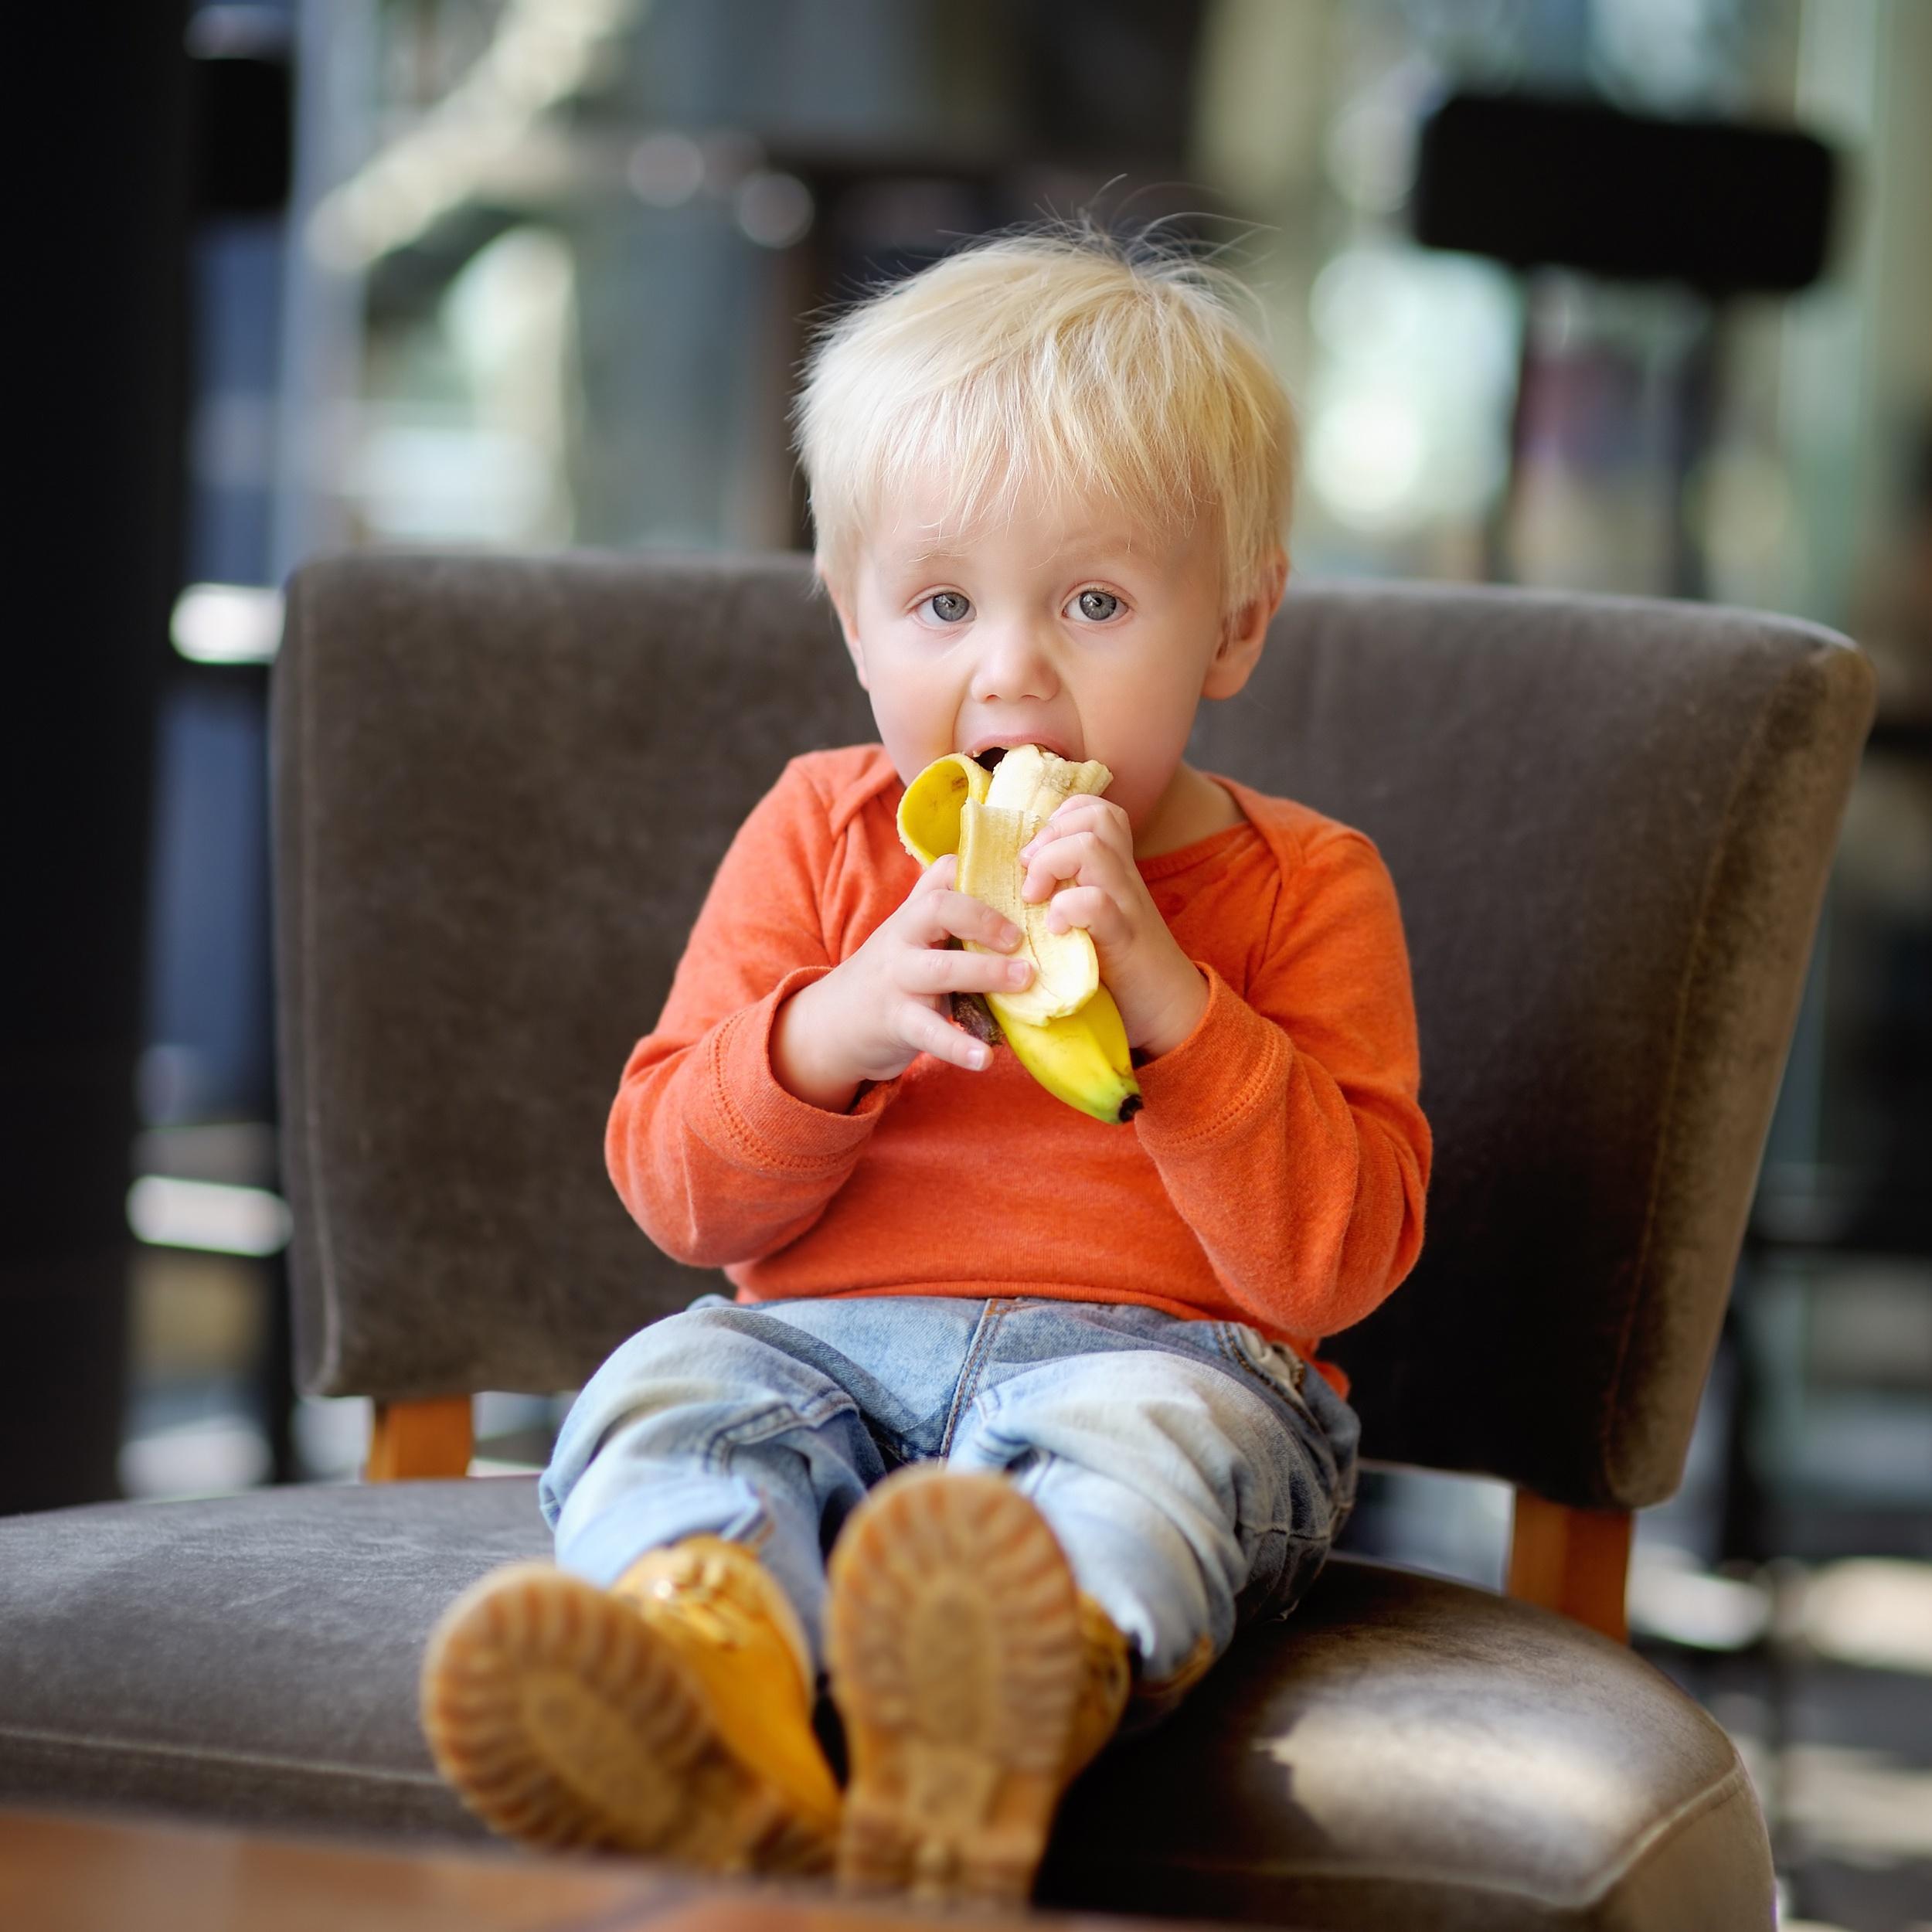 Toddler-boy-eating-banana-508039050_2500x2500.jpeg